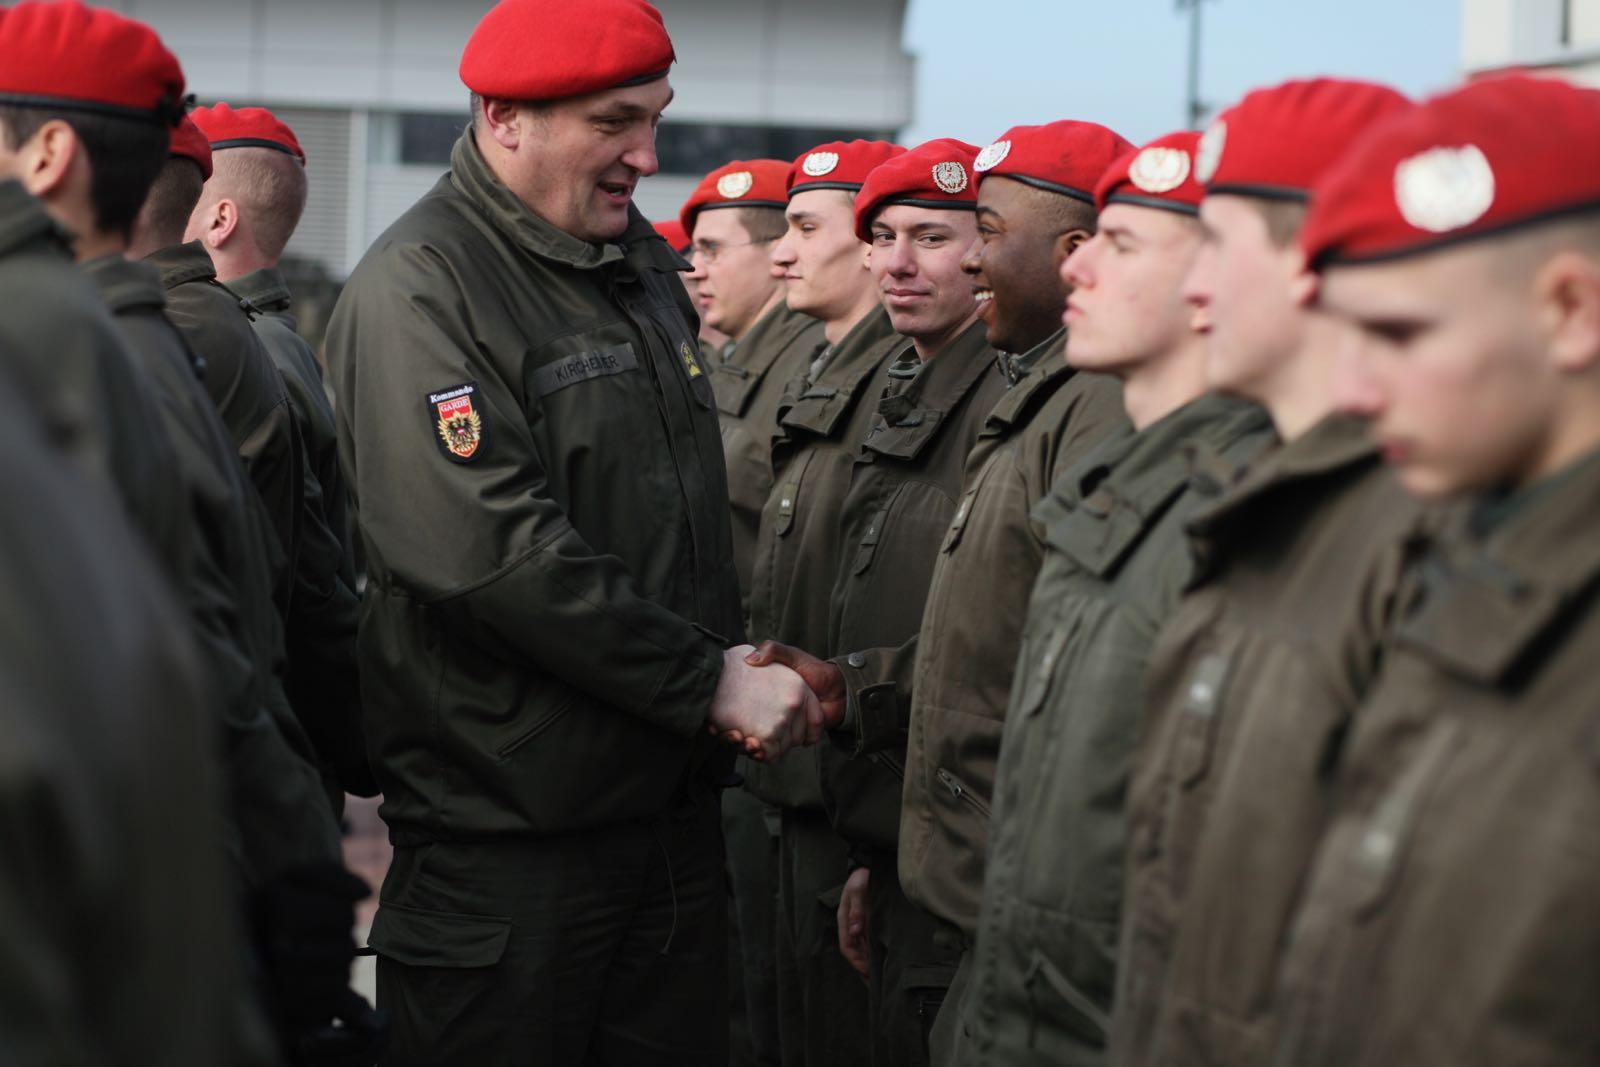 2019_02_08_5Gardekompanie_KPE_EUFOR30_Verabschiedung - 59 of 61